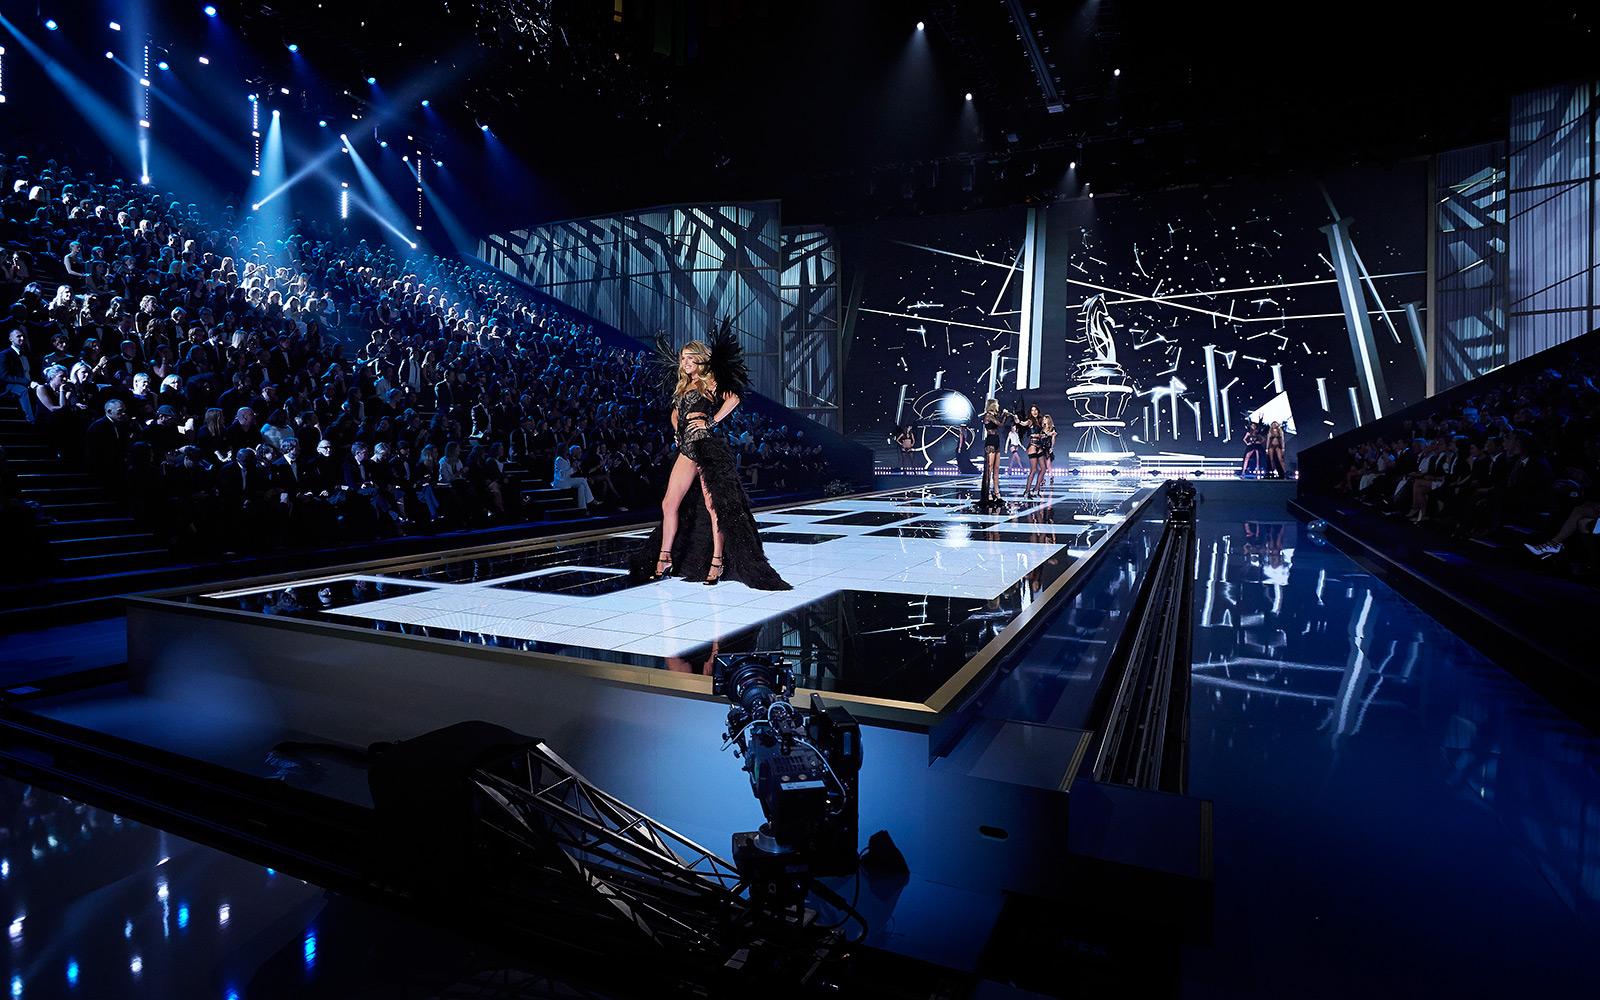 Victoria's Secret Fashion Show 2014 Scenographie